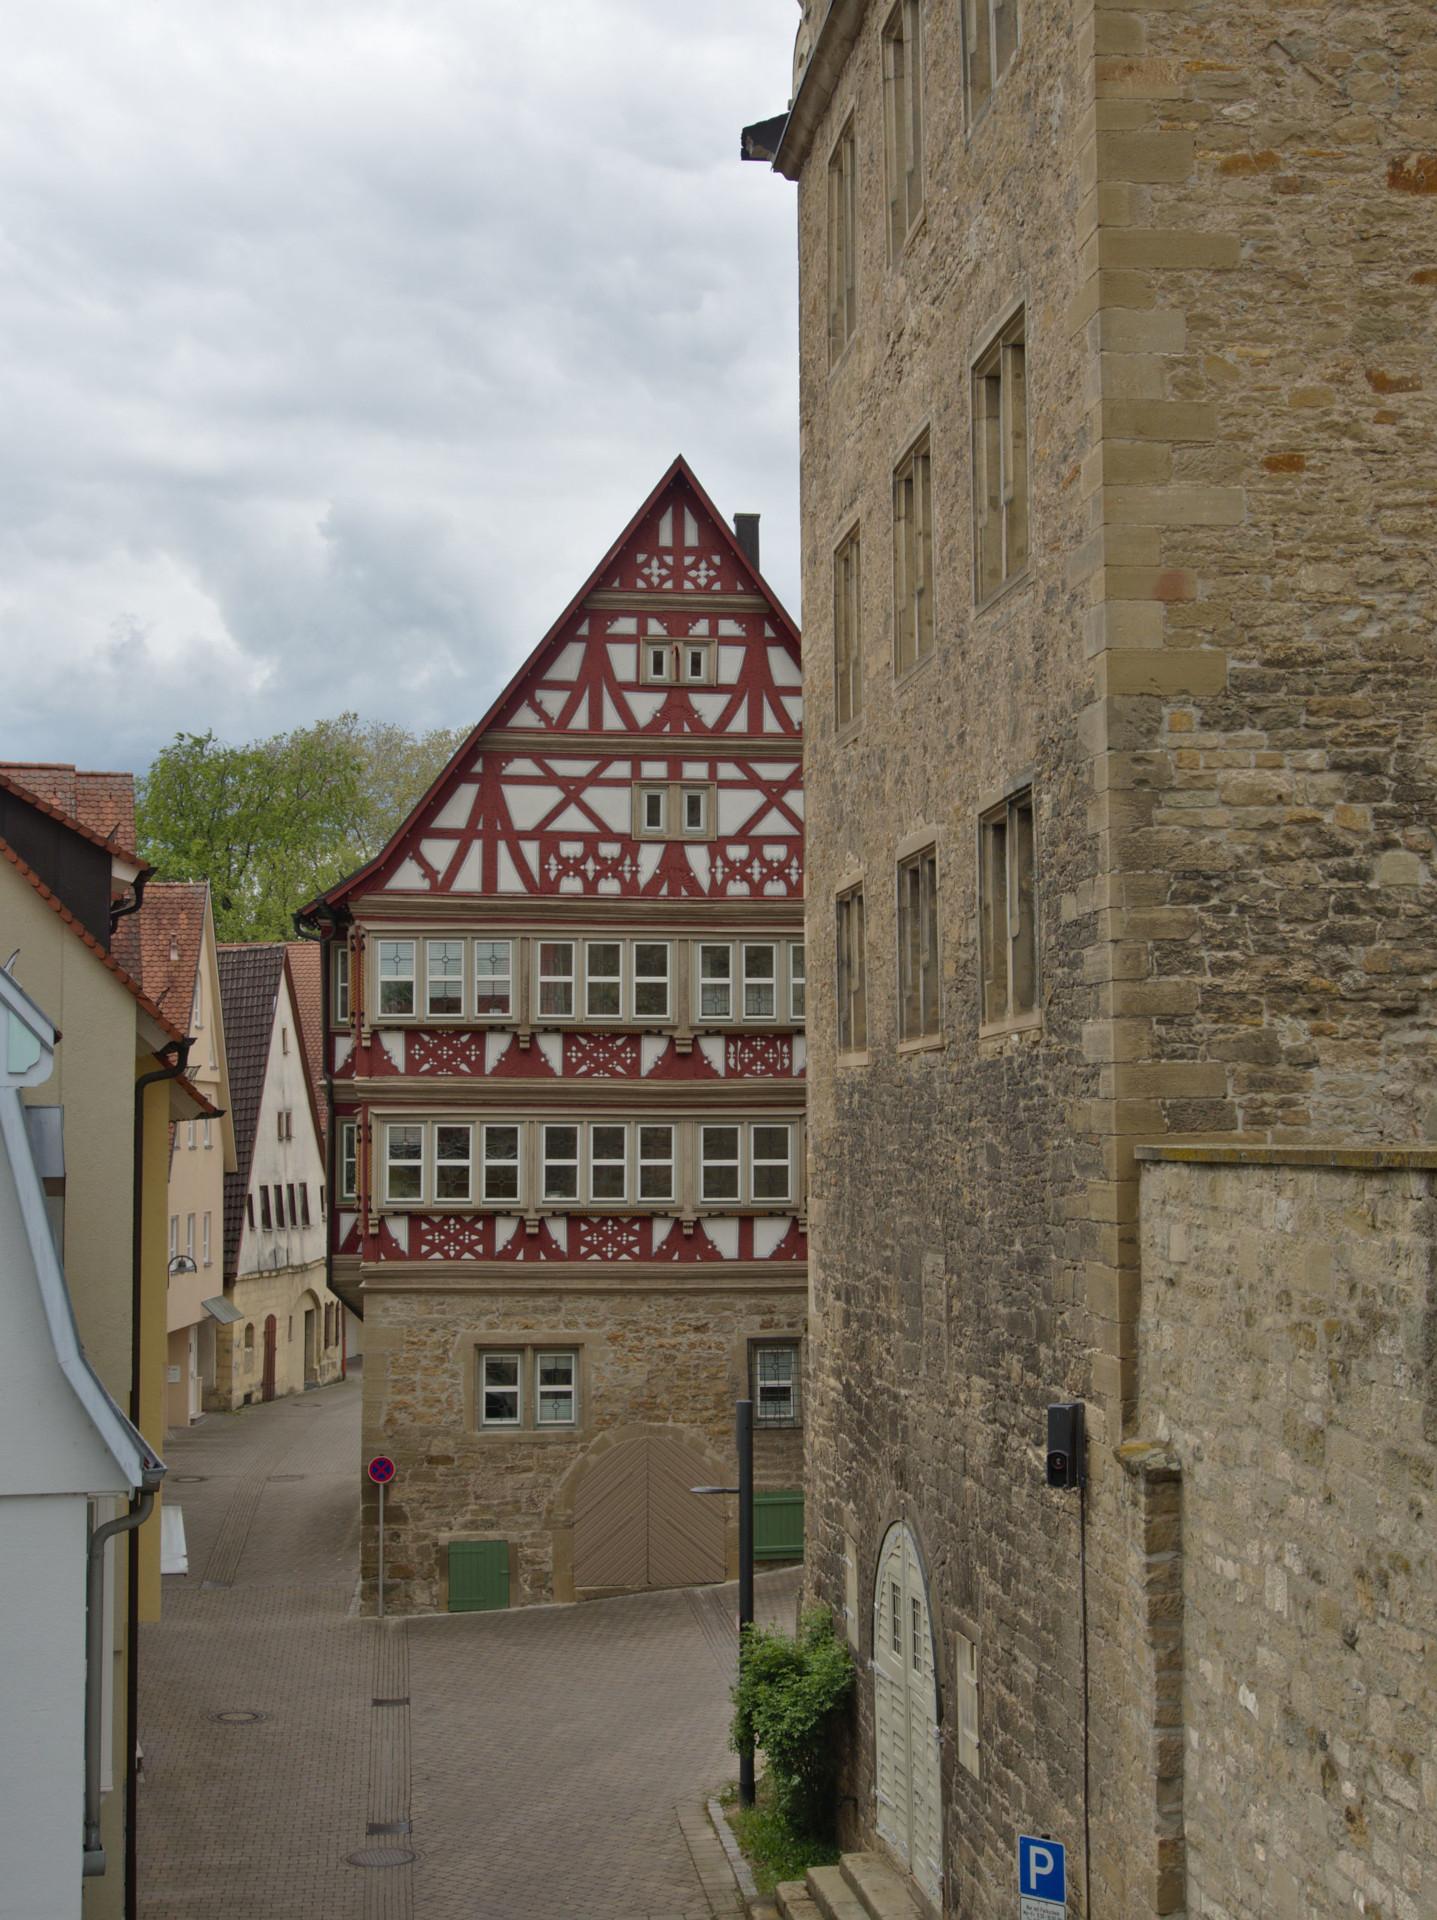 20190505_Oehringen_013